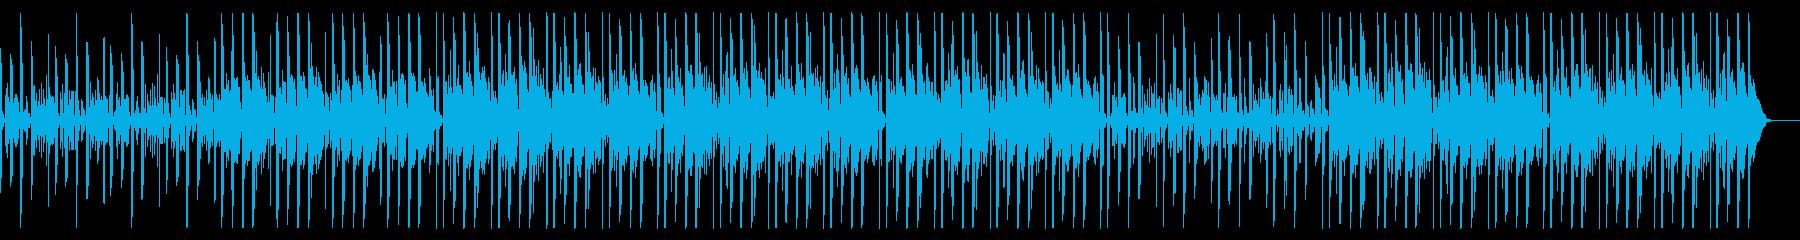 VP・トーク・オーガニックでさりげなくの再生済みの波形